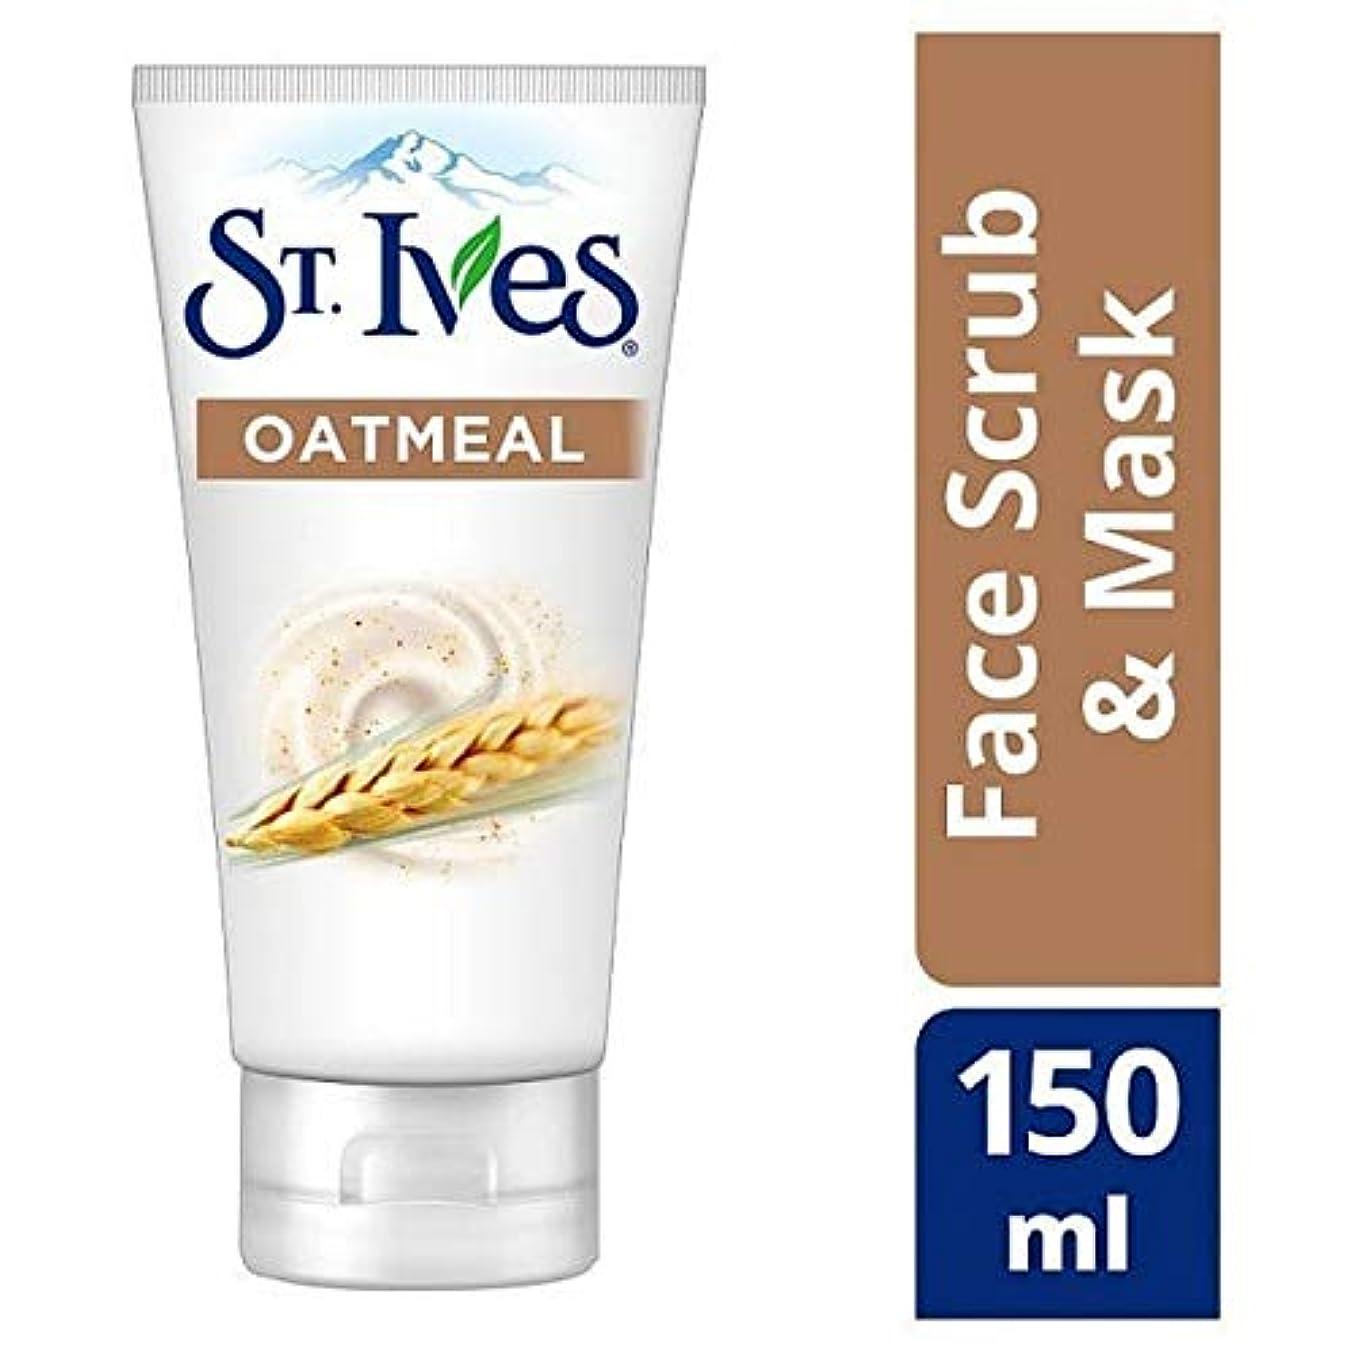 能力すなわち困惑した[St Ives] Stのアイヴスは栄養&フェイススクラブ150ミリリットルの真実 - St Ives Nourishing & Sooth Face Scrub 150ml [並行輸入品]